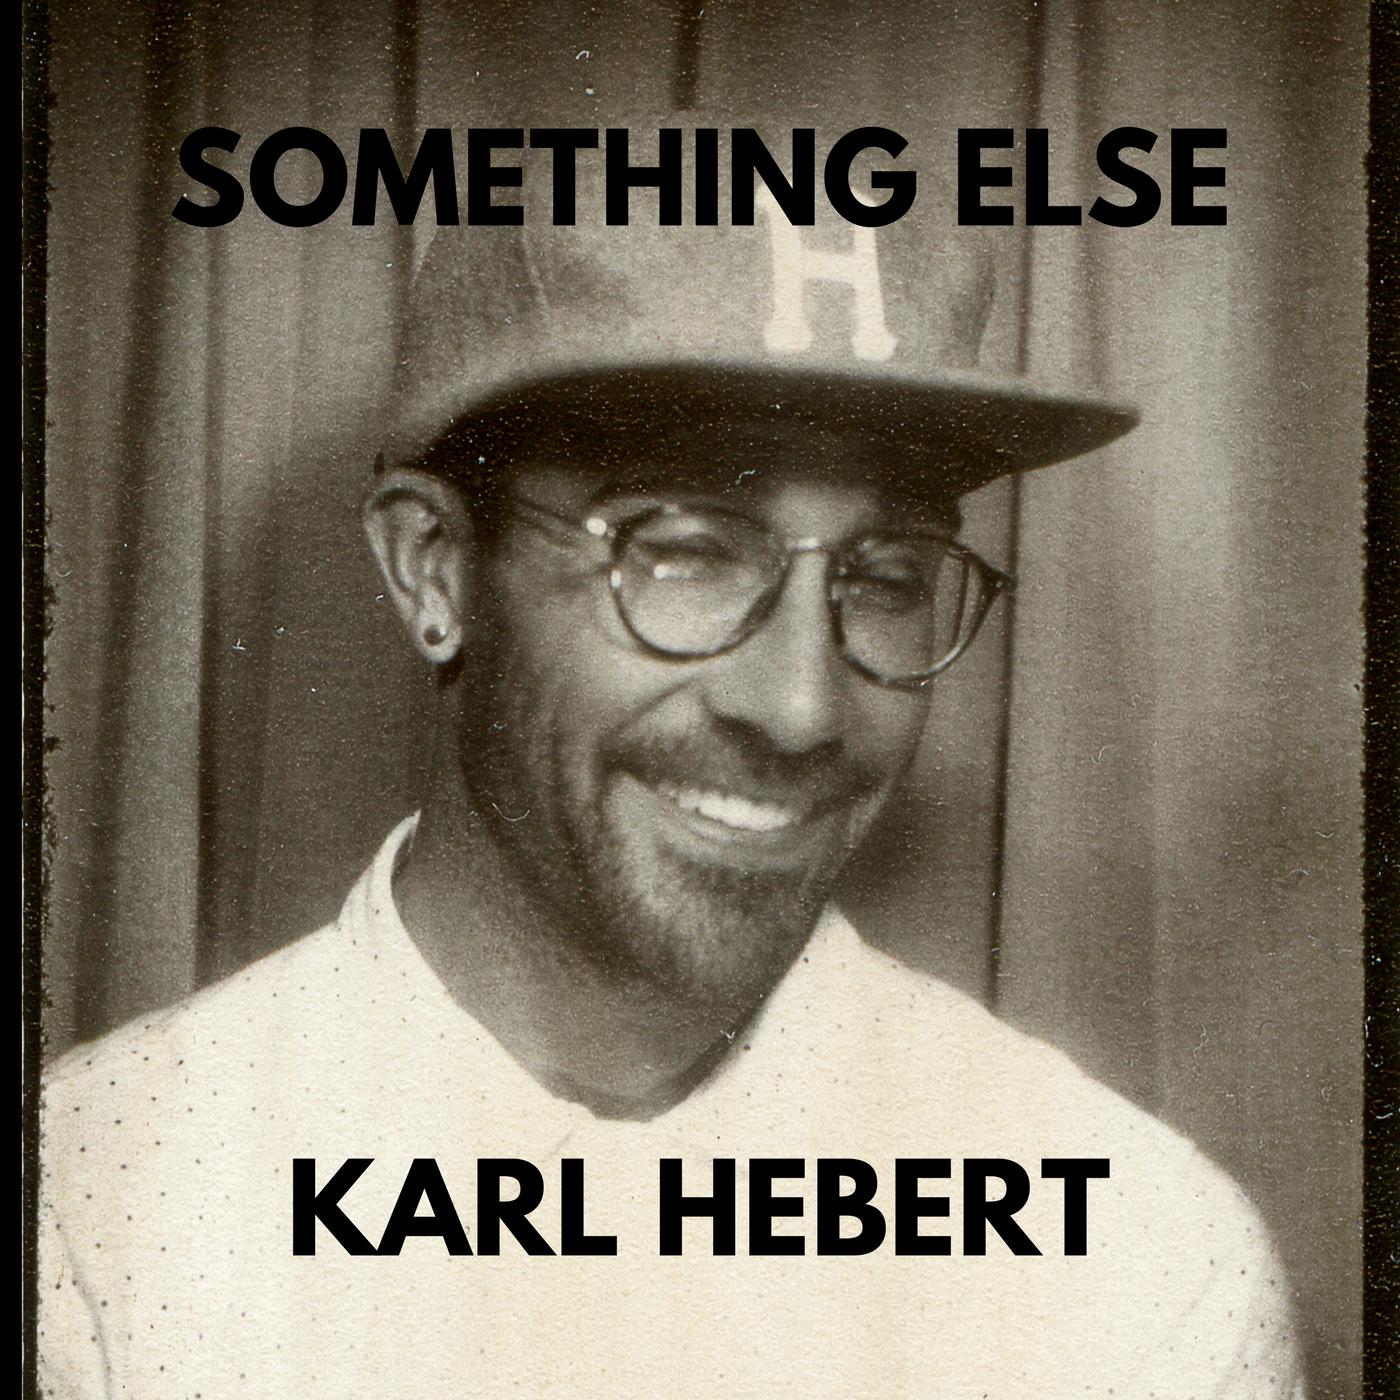 Karl Hebert